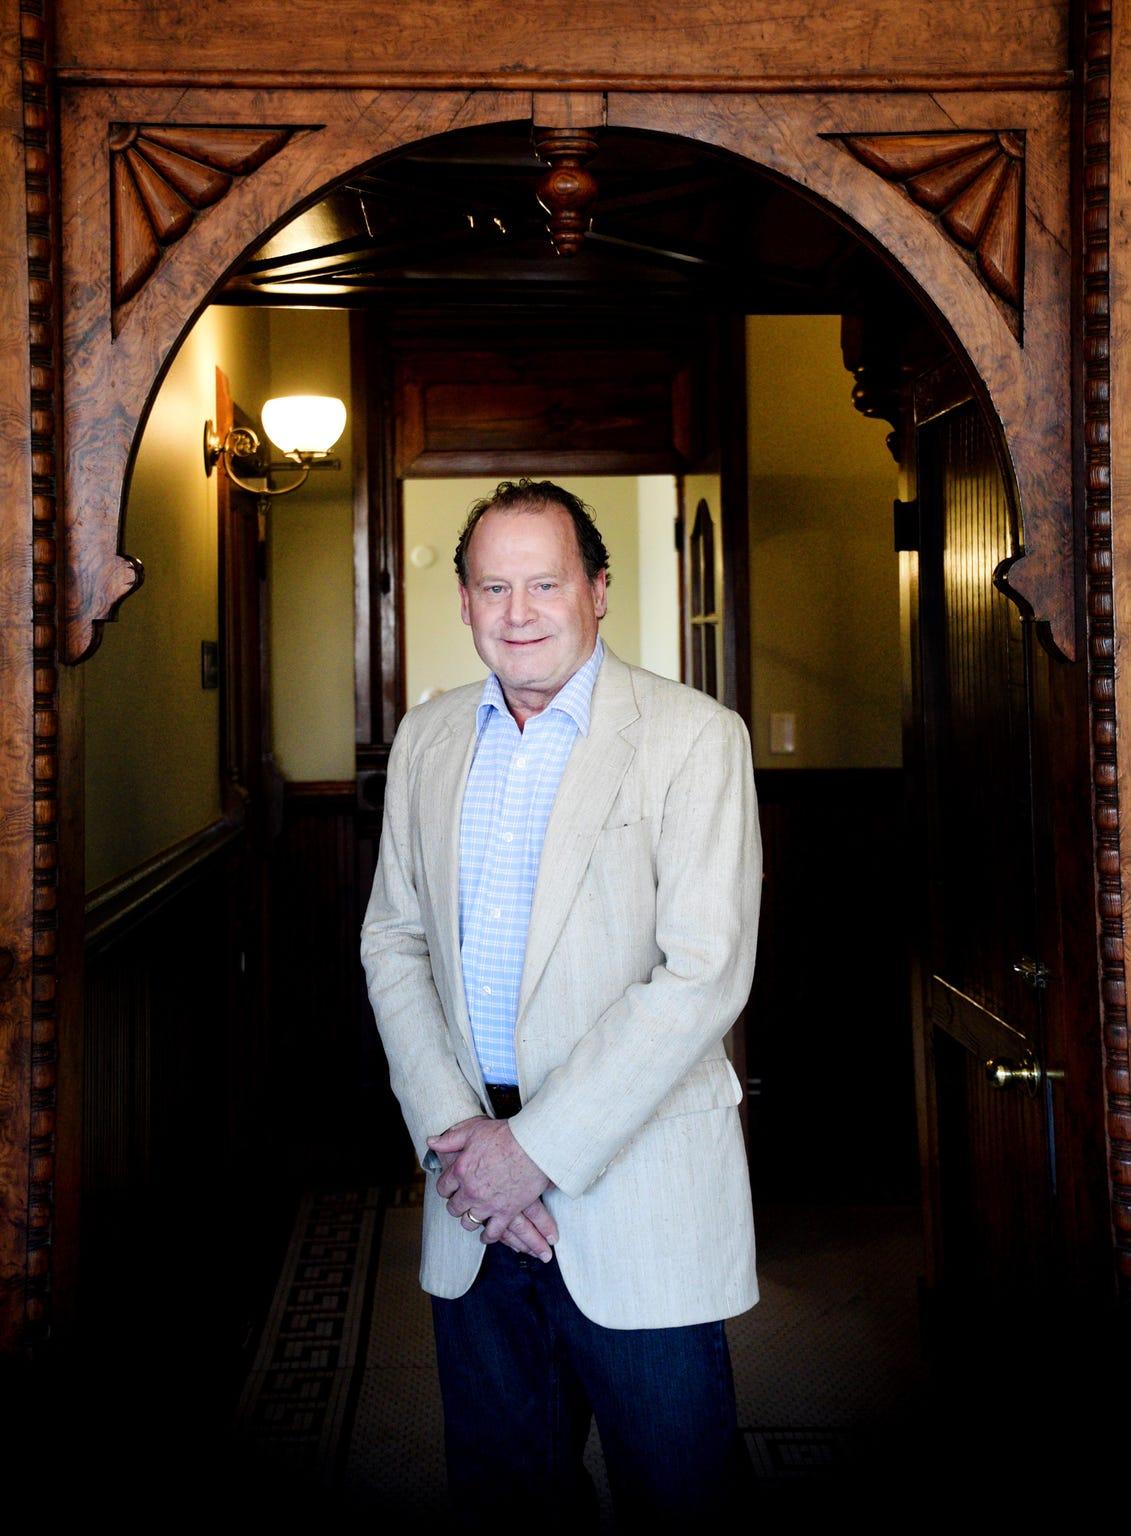 Ginocchio restaurant's owner is Alan Loudermilk.